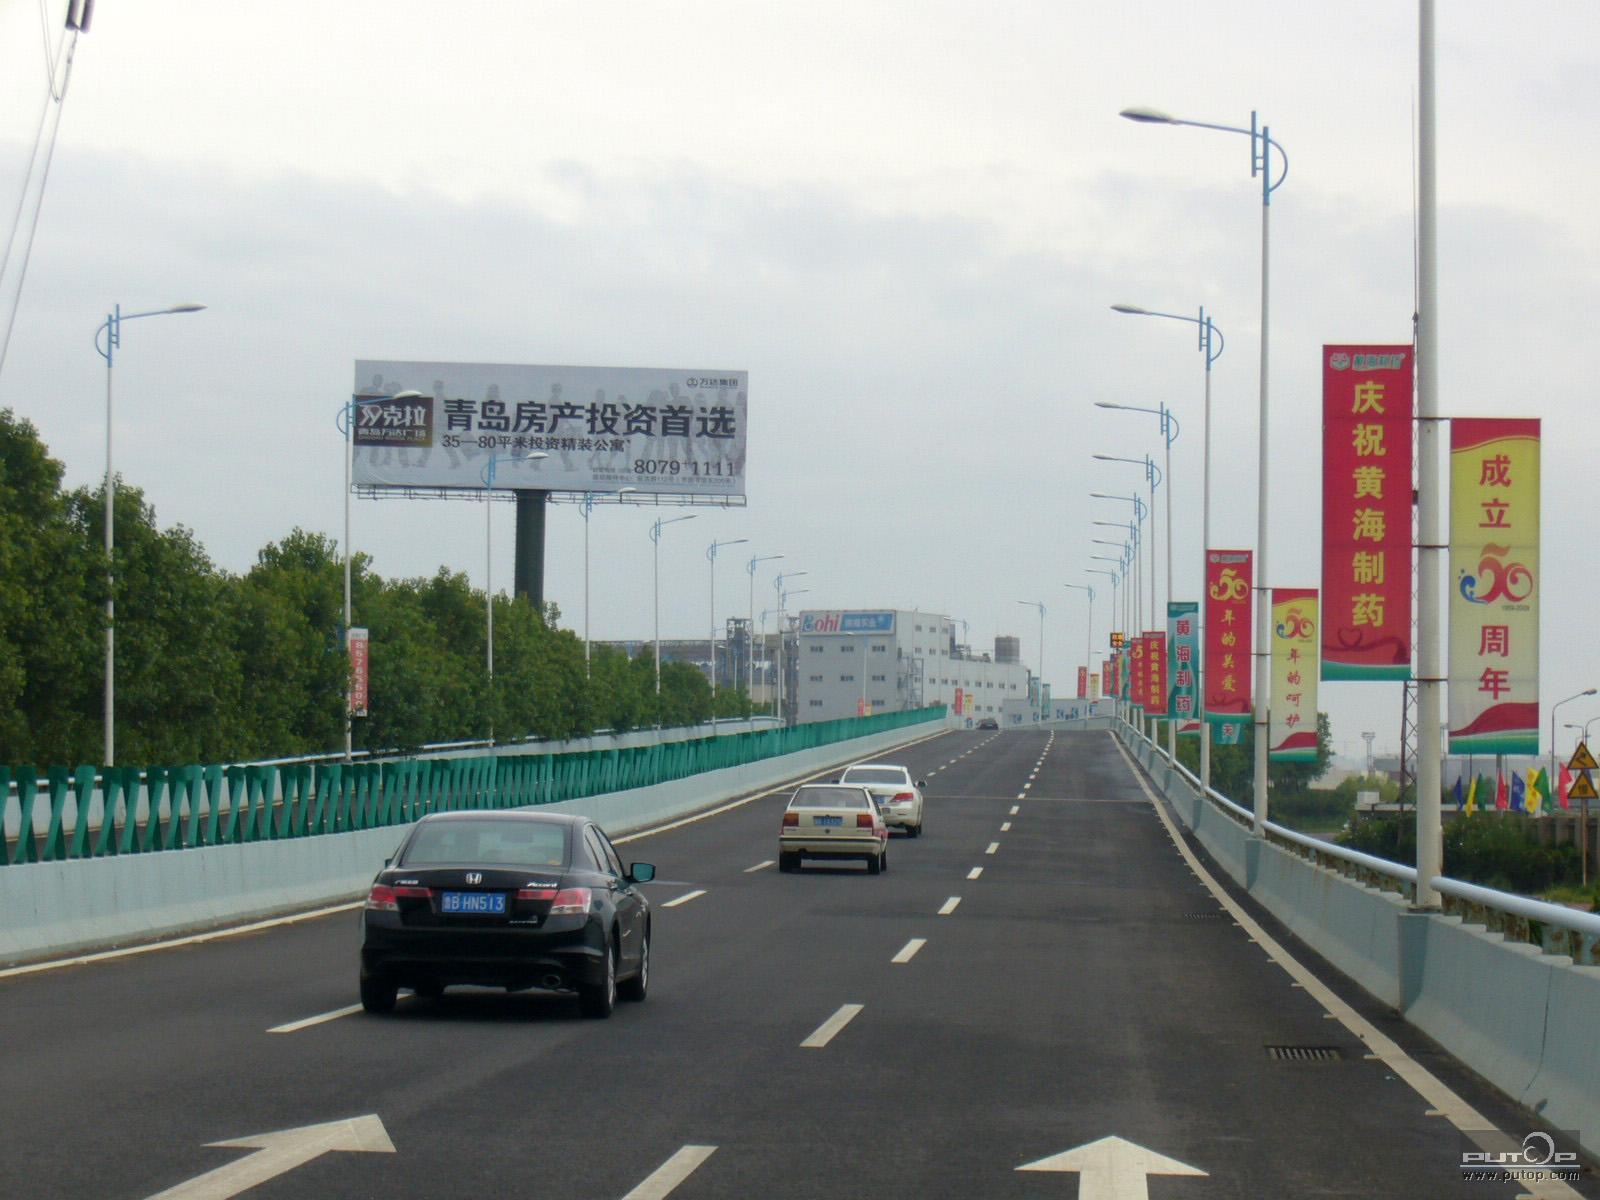 东直至辽阳西路,海尔路,青岛汽车东站,青银高速,机场等,西抵环胶州湾